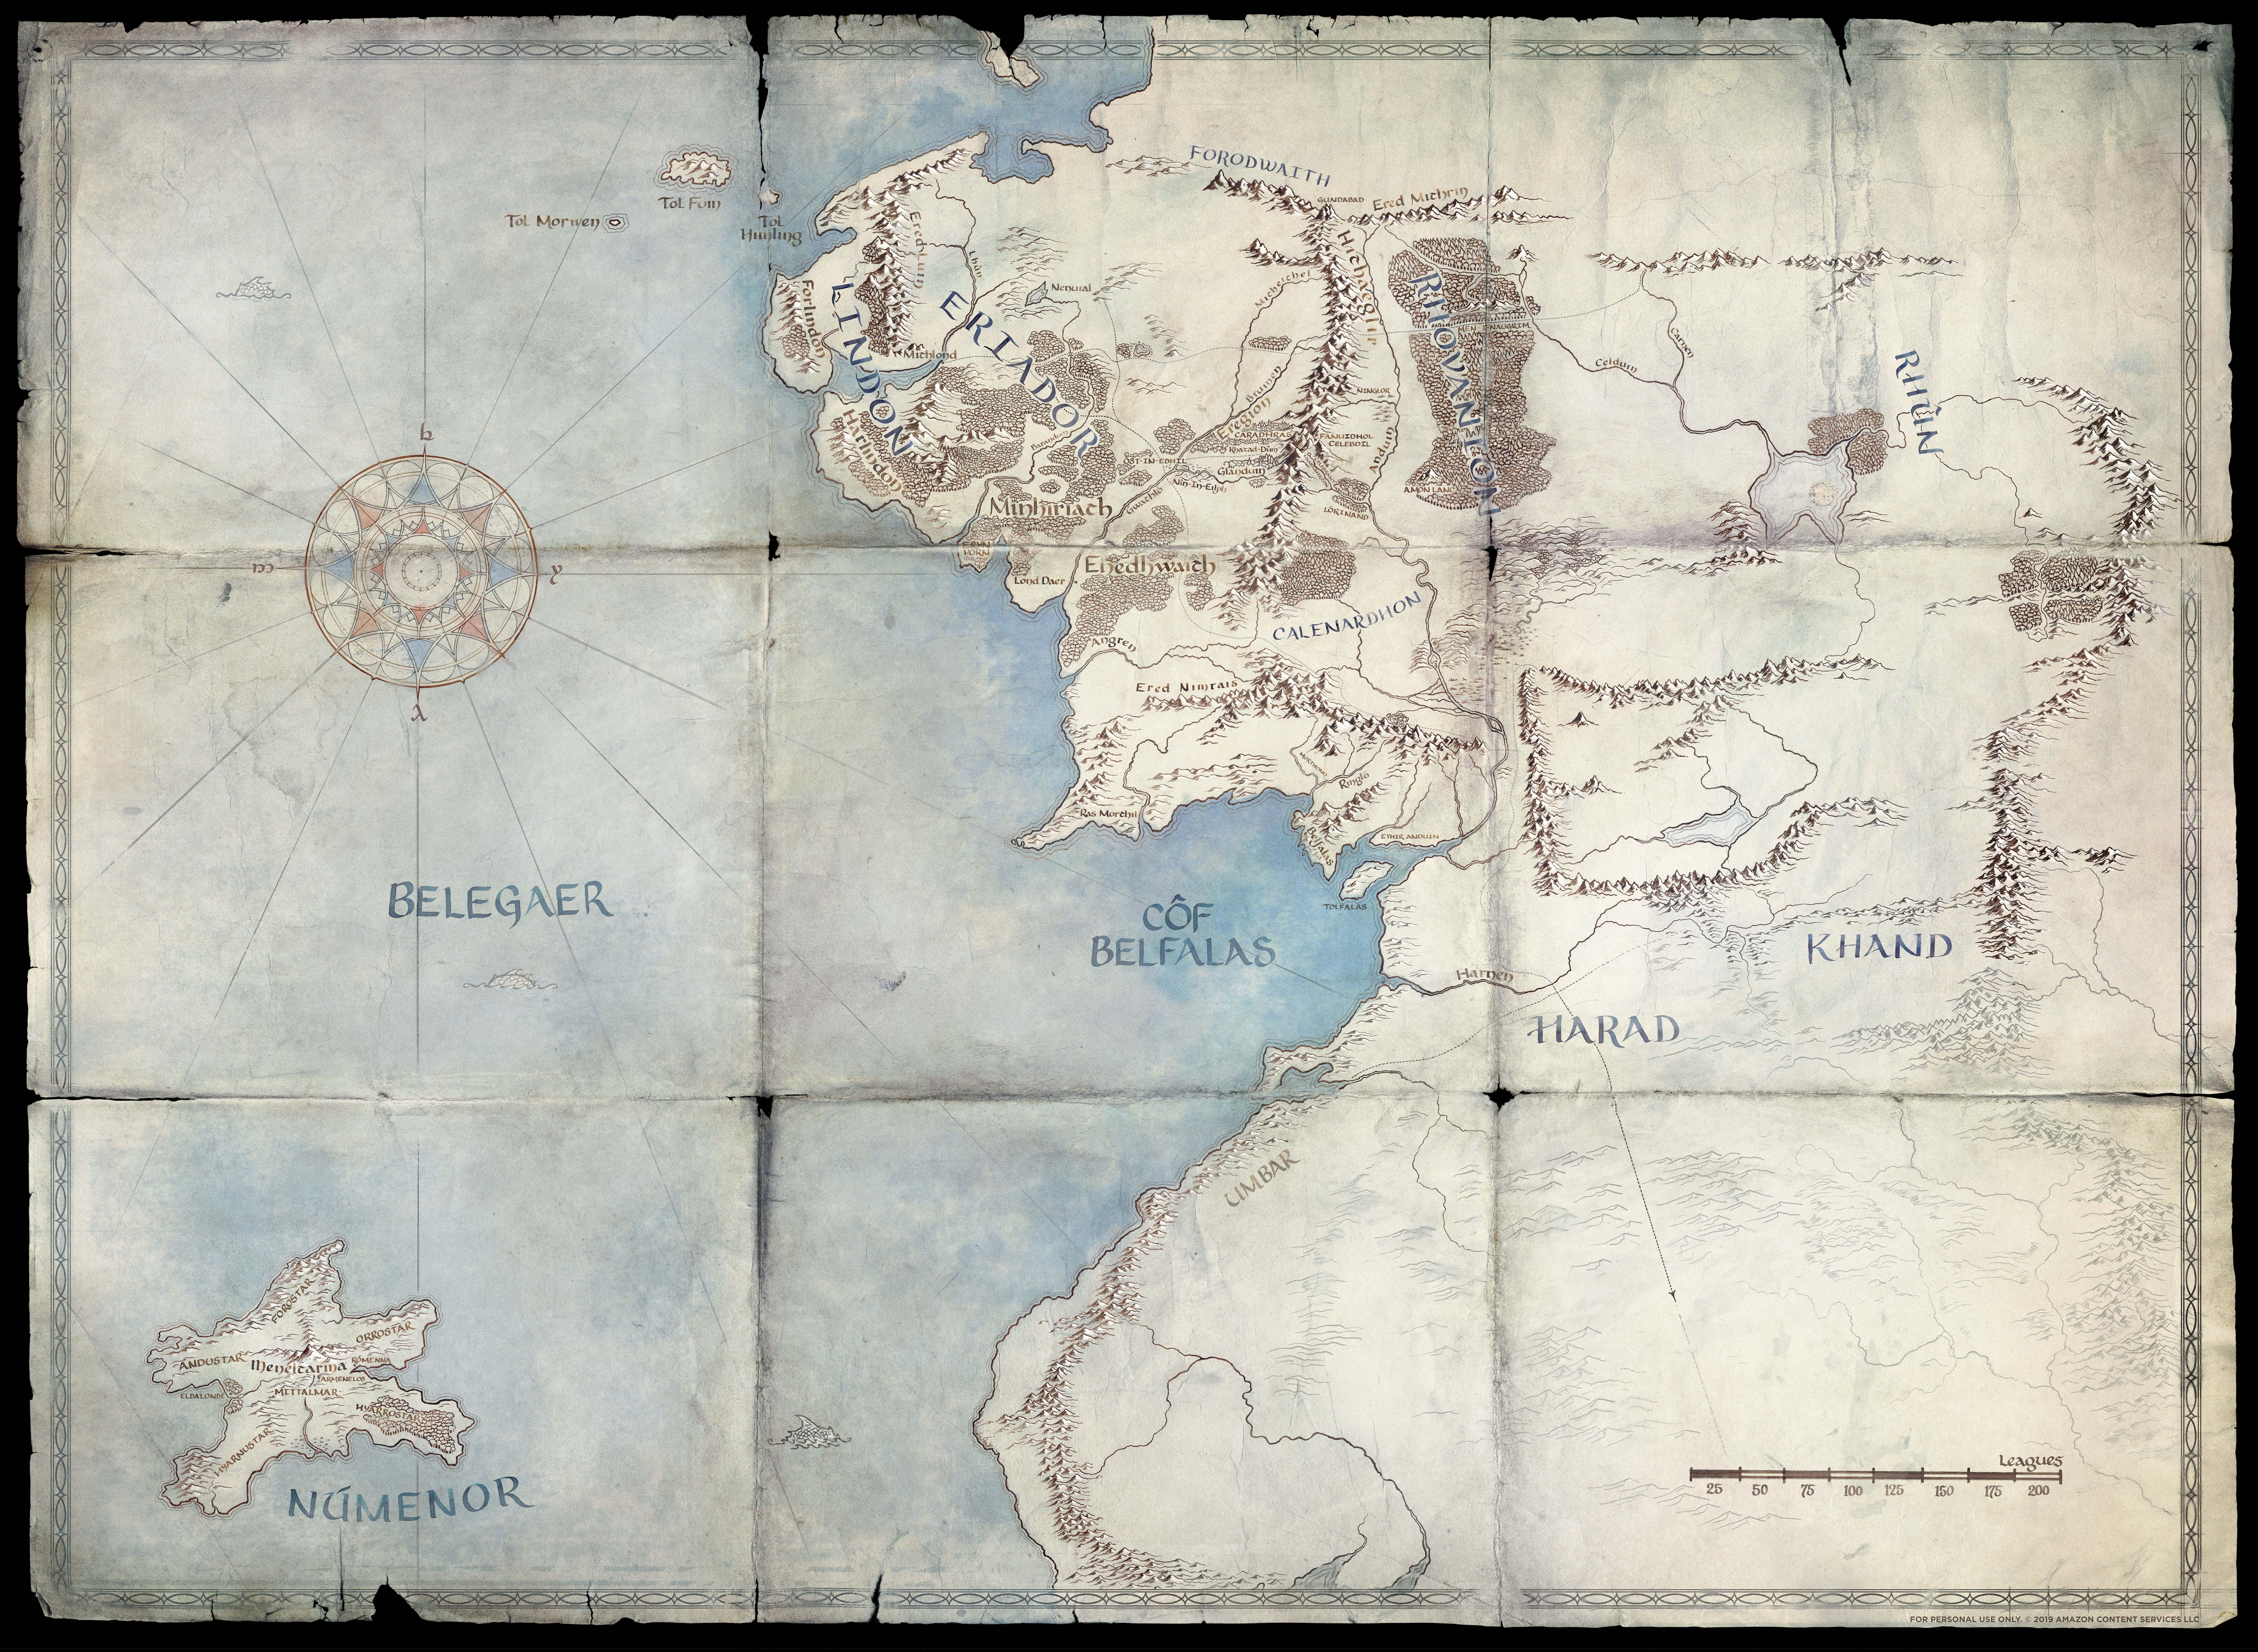 J.R.R. Tolkien y El Señor de los anillos - Página 14 5-c433f5b2cb6d4c13a7515f5d7597ca9c